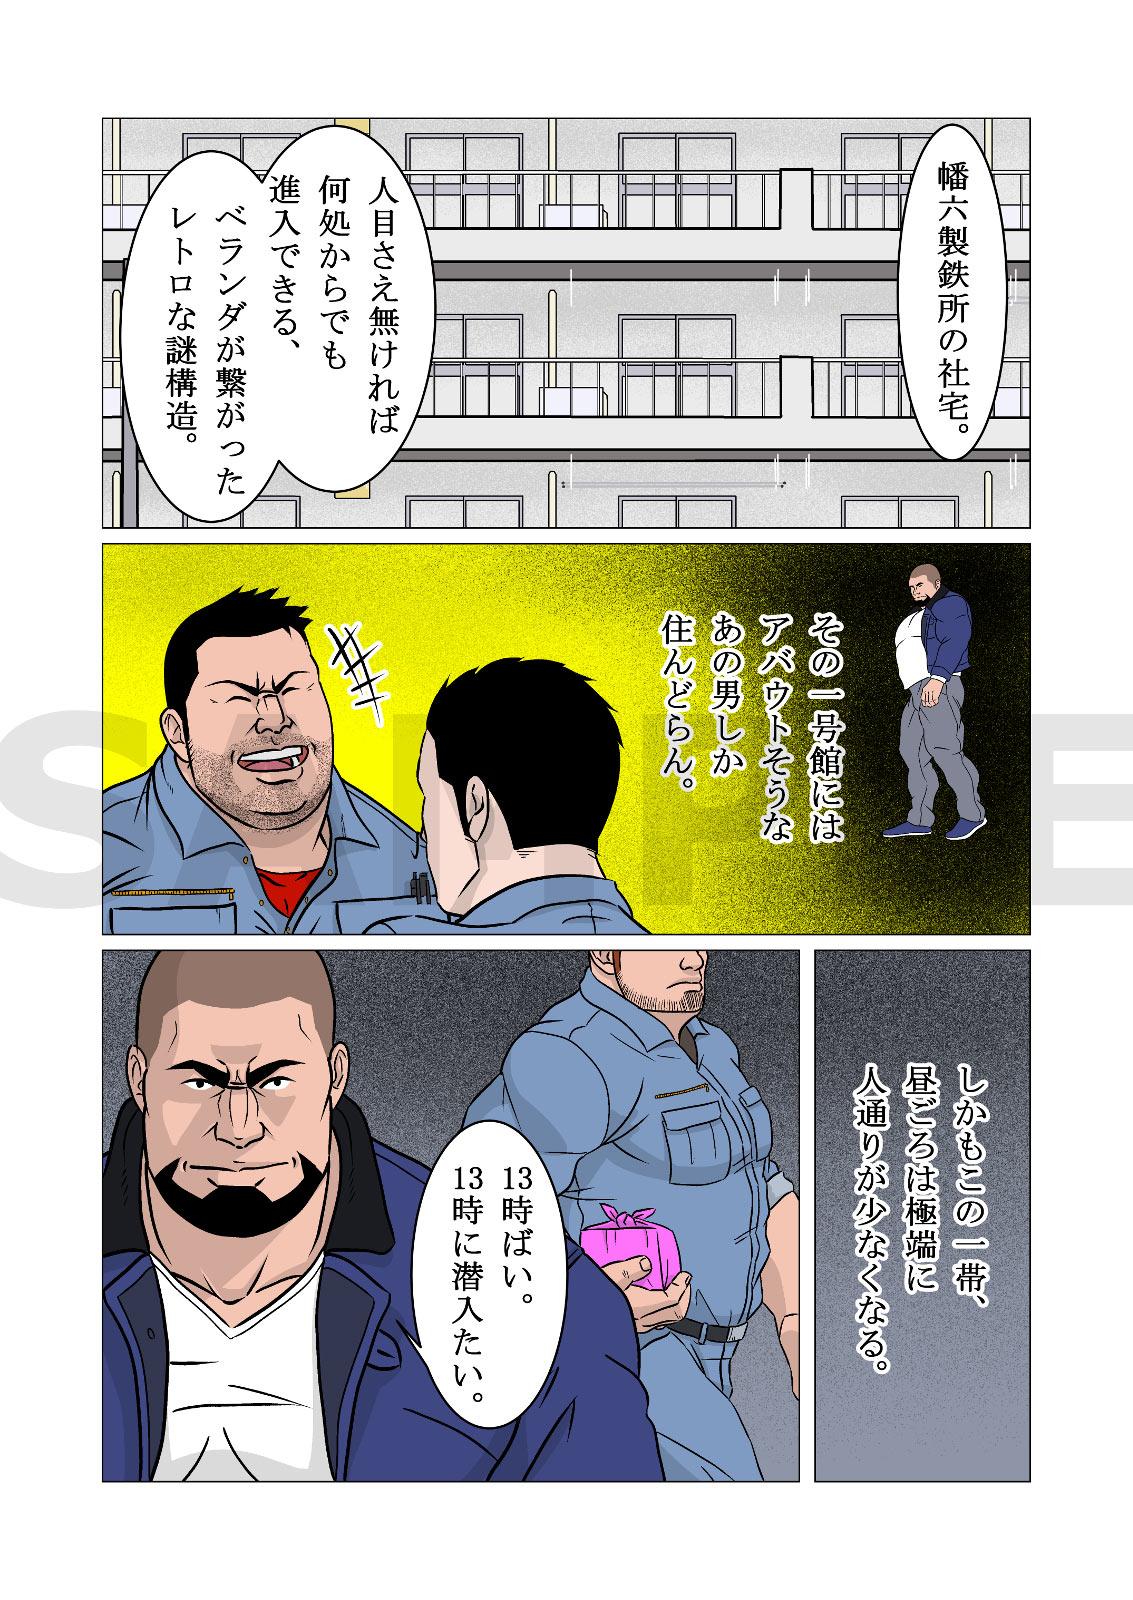 [くまおカフェ] の【侵入者】